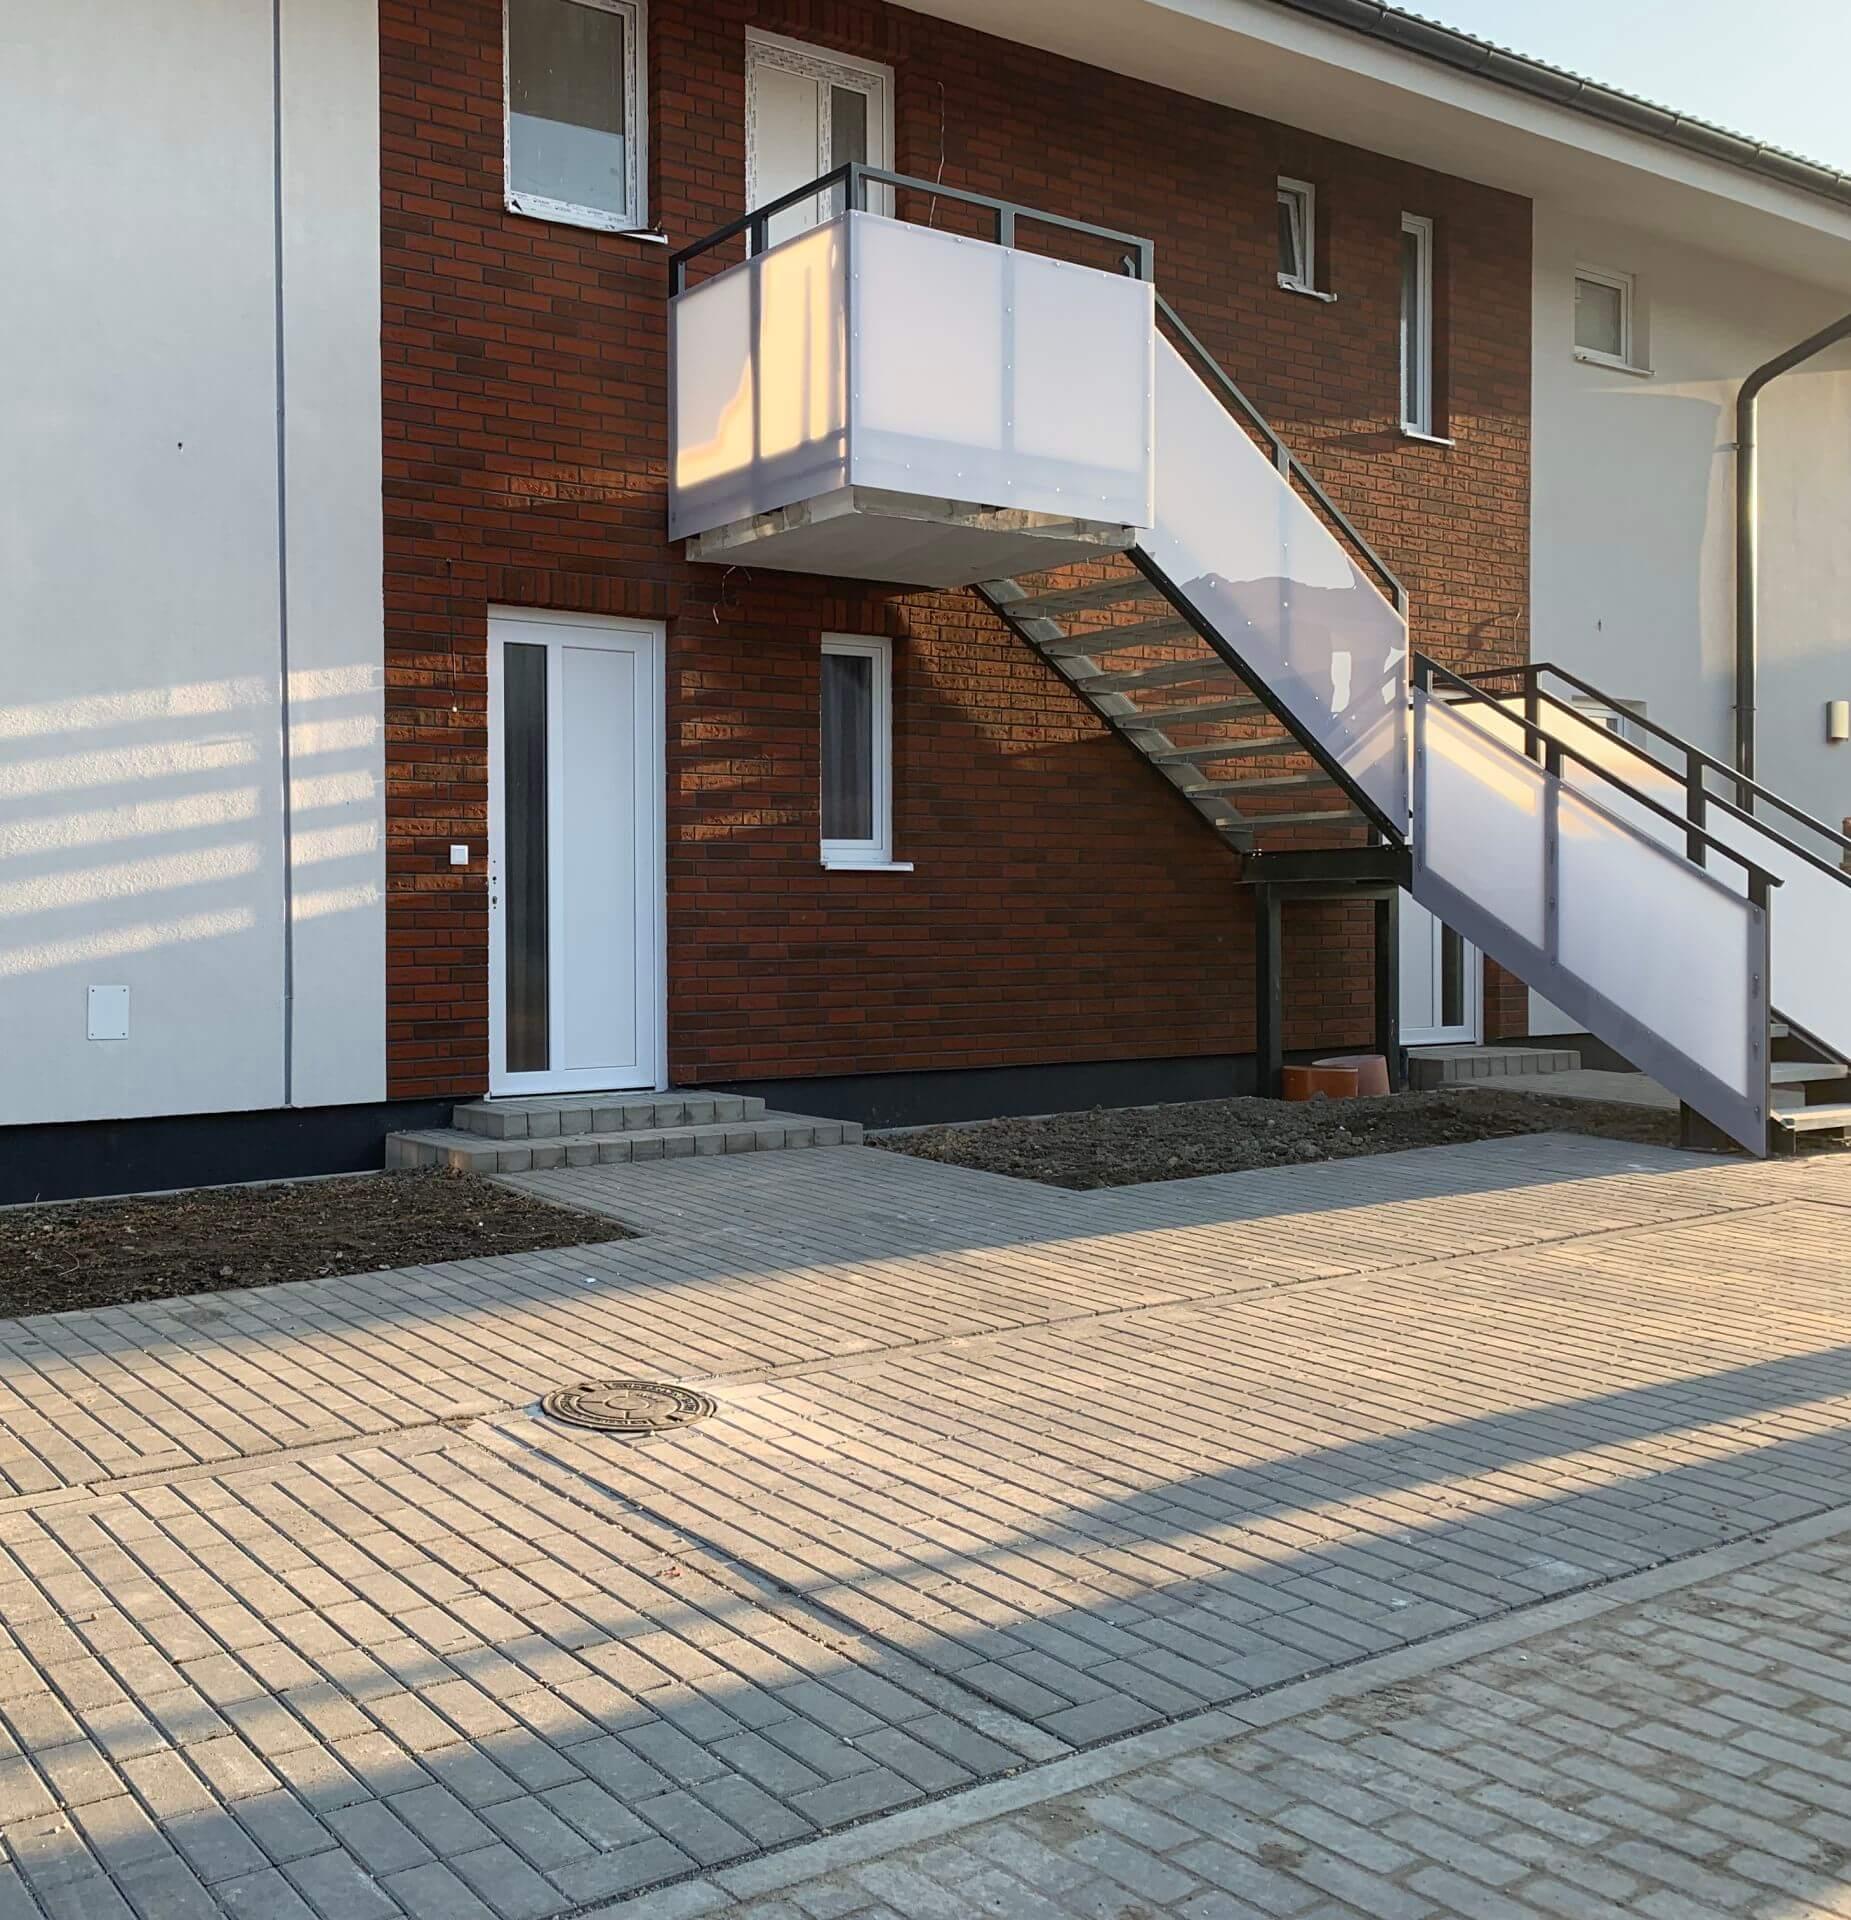 Predané: Predáme 1 izbový byt, Ligurčeková, Podunajská Biskupice, 33,3m2, záhrada 23m2-4